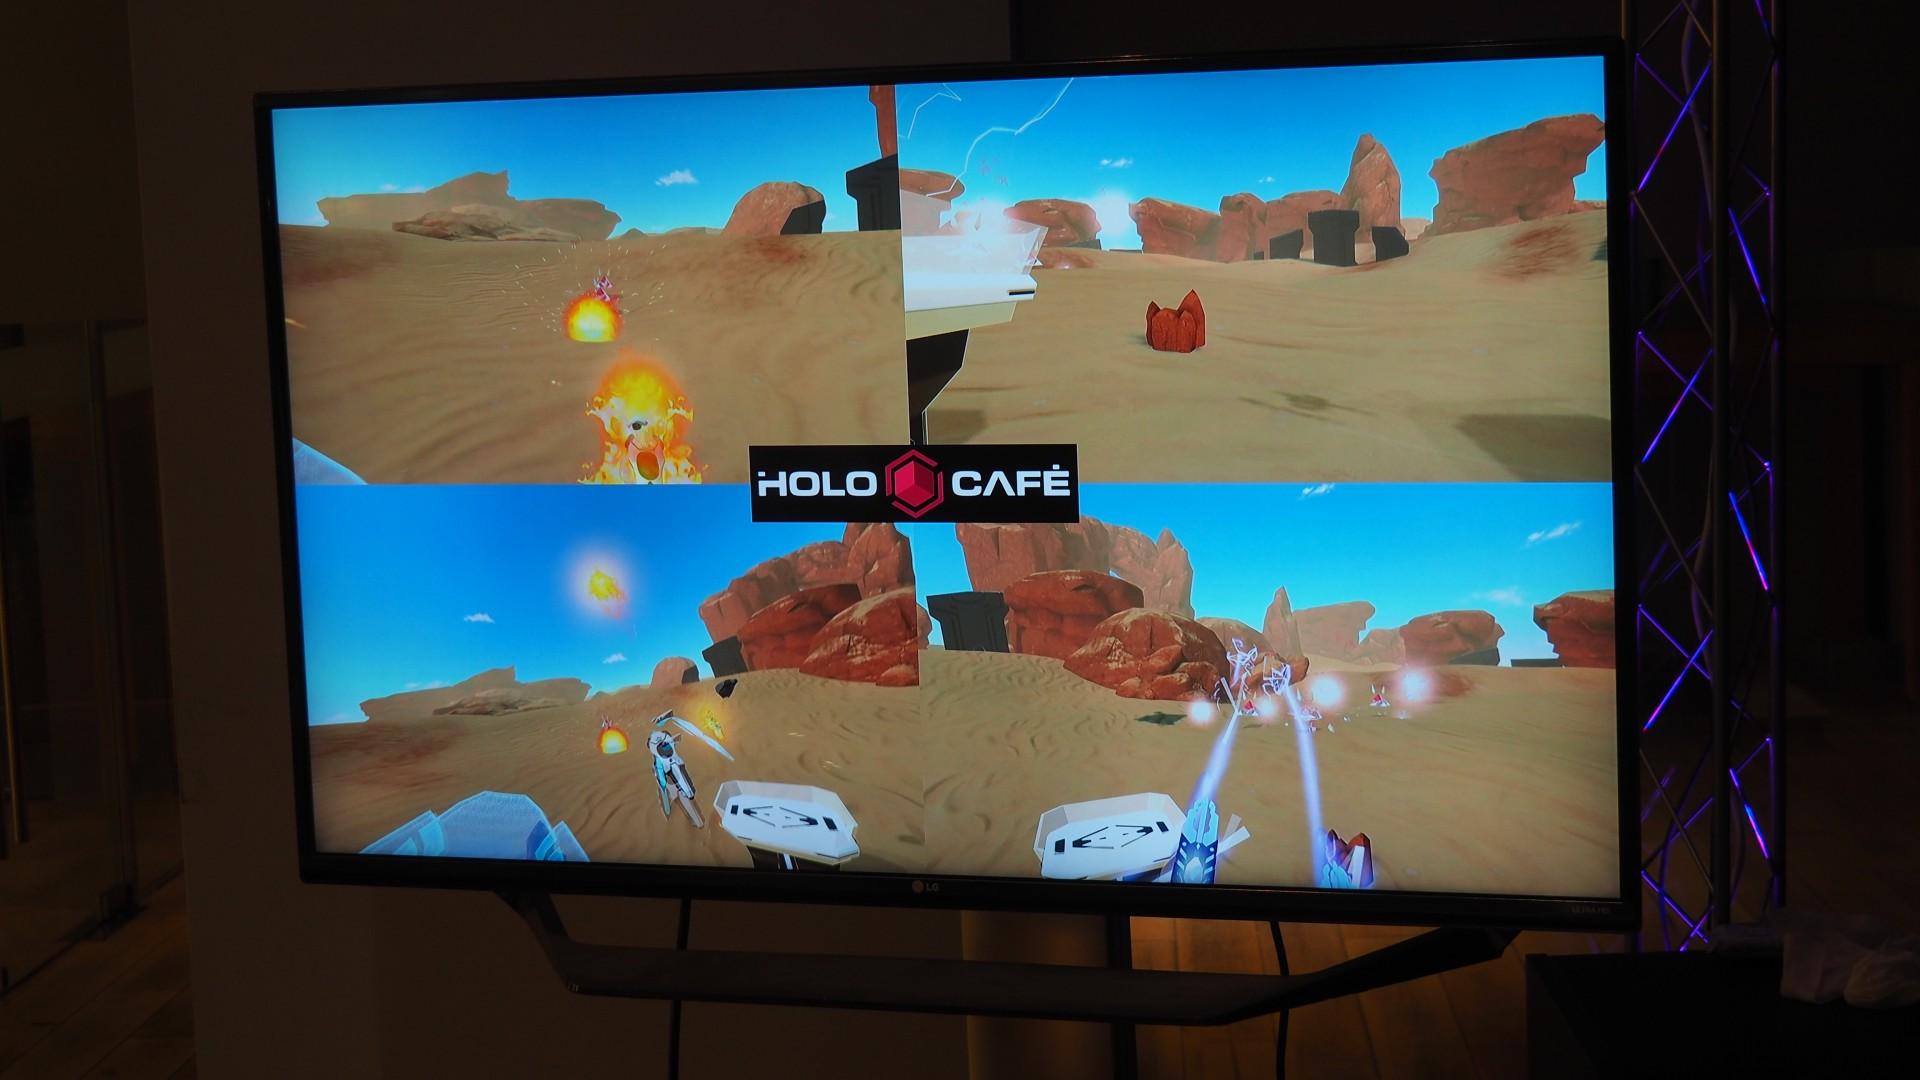 Holocafé: Cappuccino und VR für Vier, bitte! - In der auf Unity und Photon basierenden Holo Arena wehren vier Spieler gemeinsam auftauchende Gegnerwellen ab. (Quelle: Medienagentur Plassma)